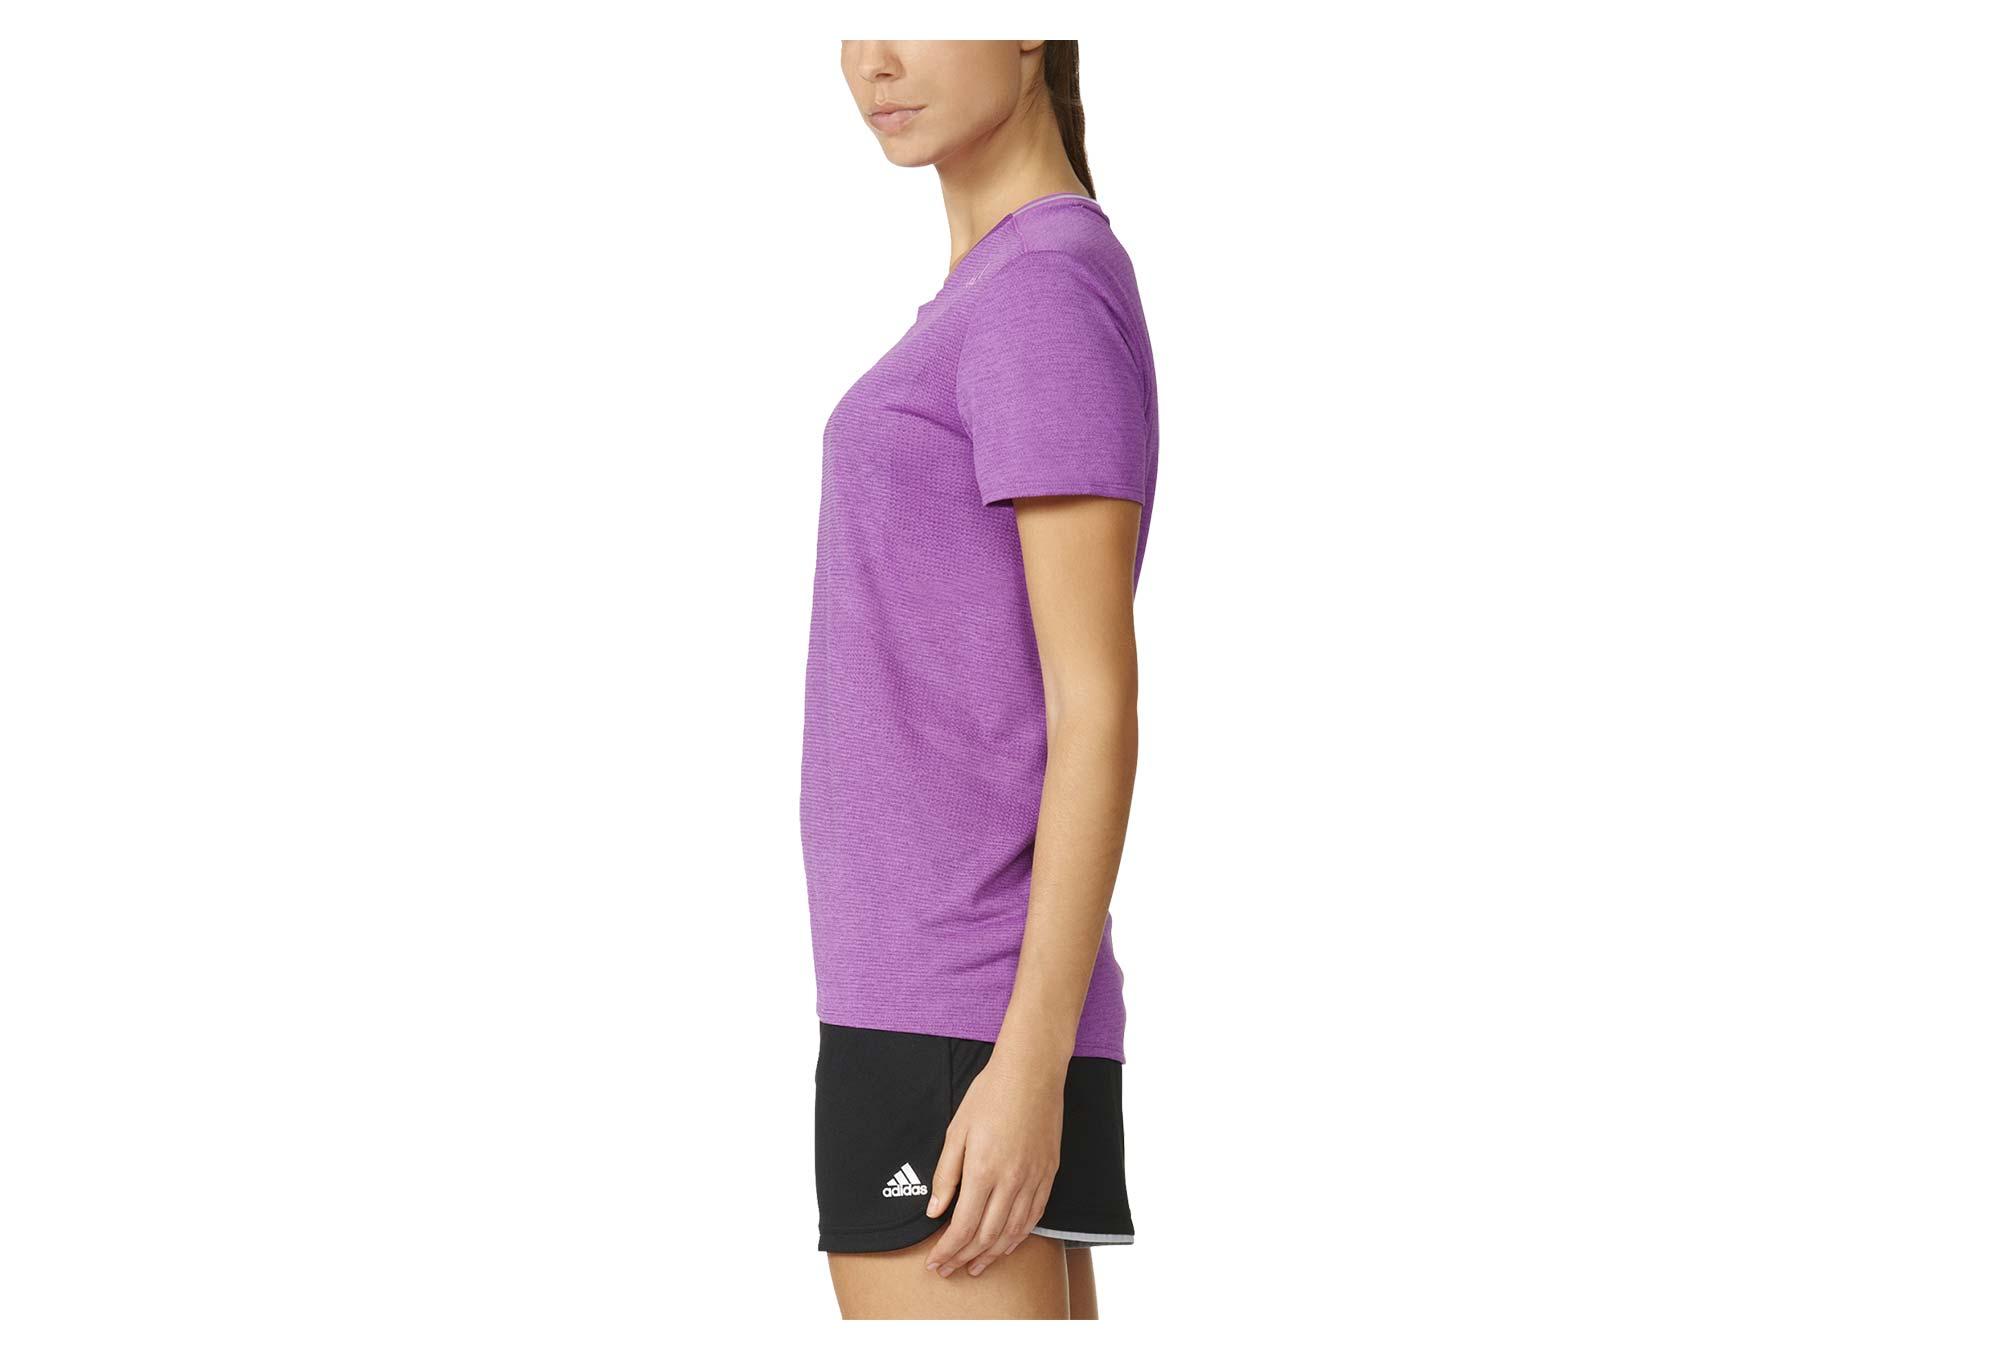 Adidas Fran Supernova SS T shirt Running Top Women Pink